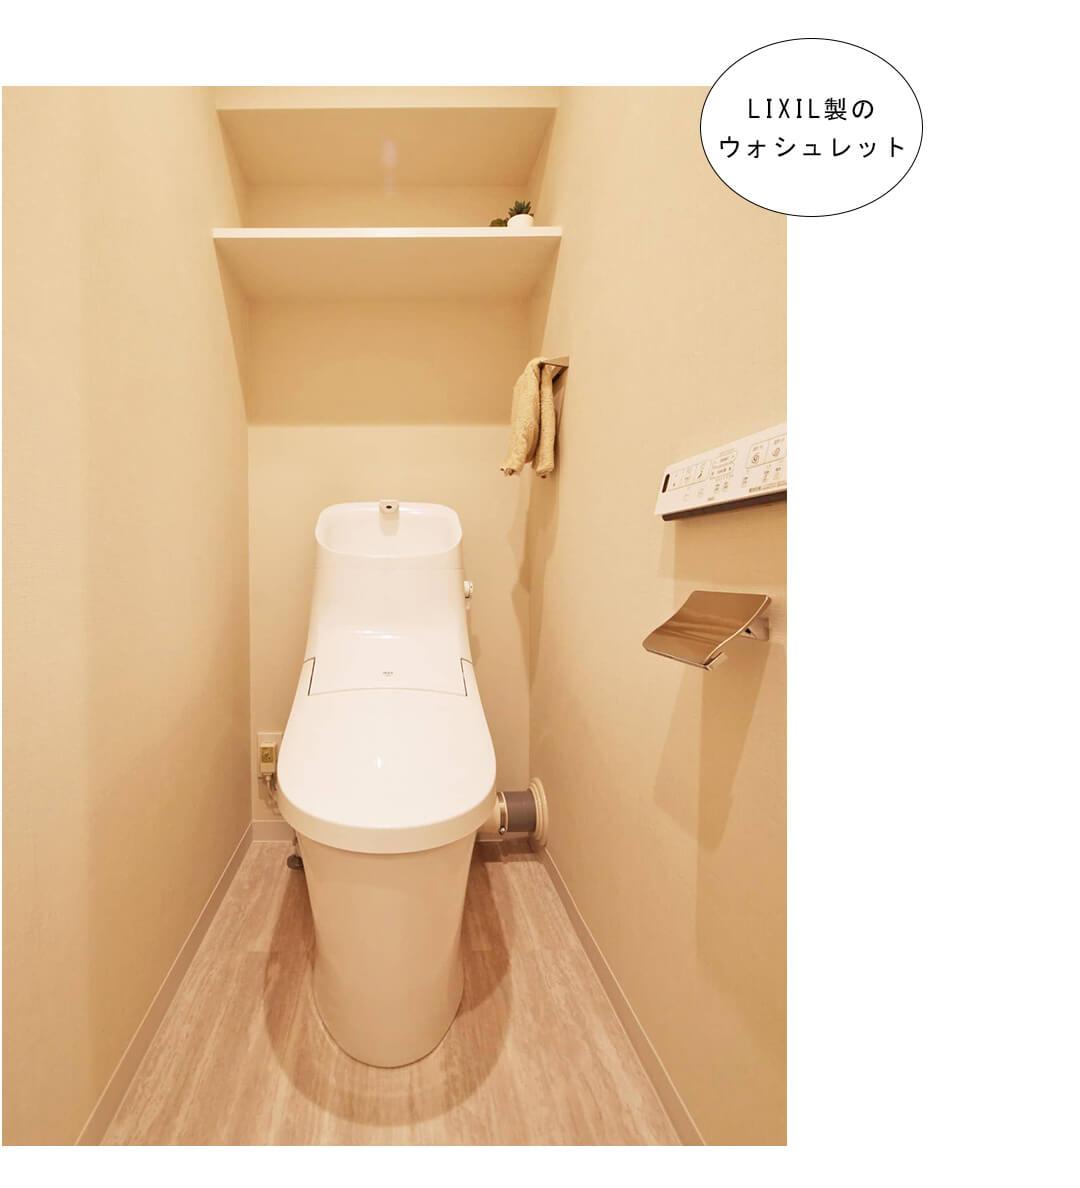 菱和パレス錦糸町 203号室のトイレ